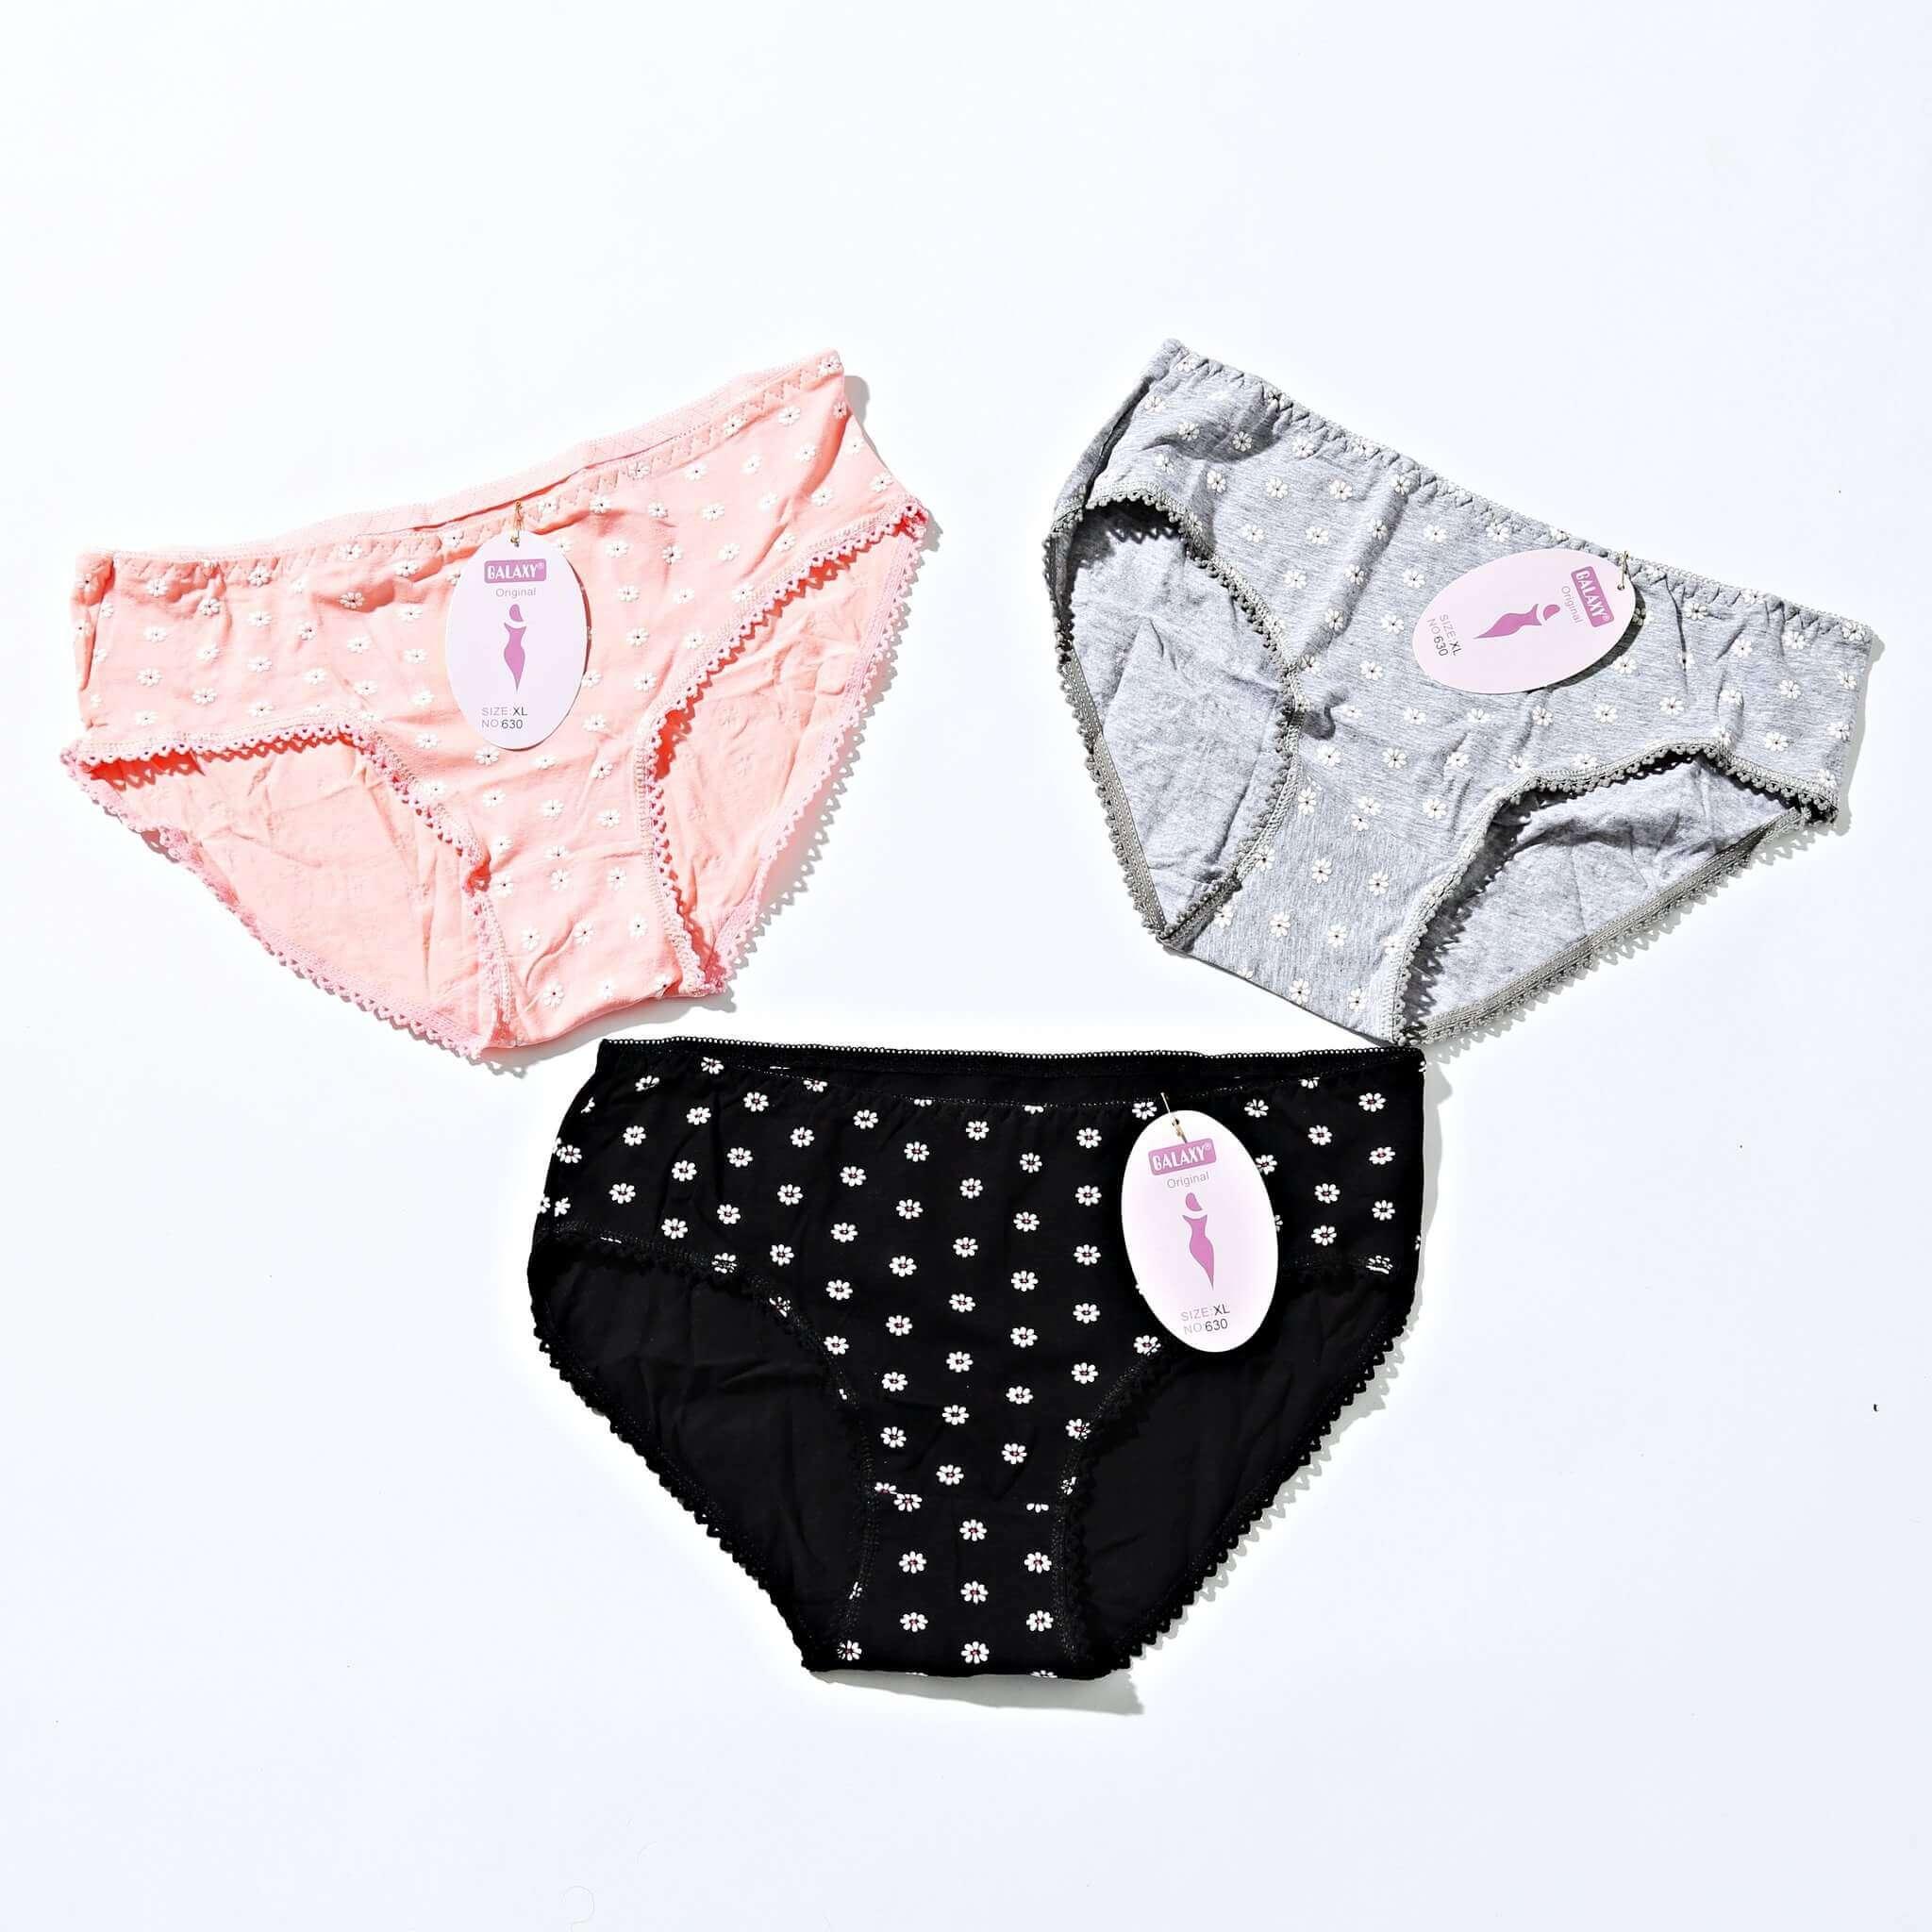 ladies underwear price sanwarna.pk